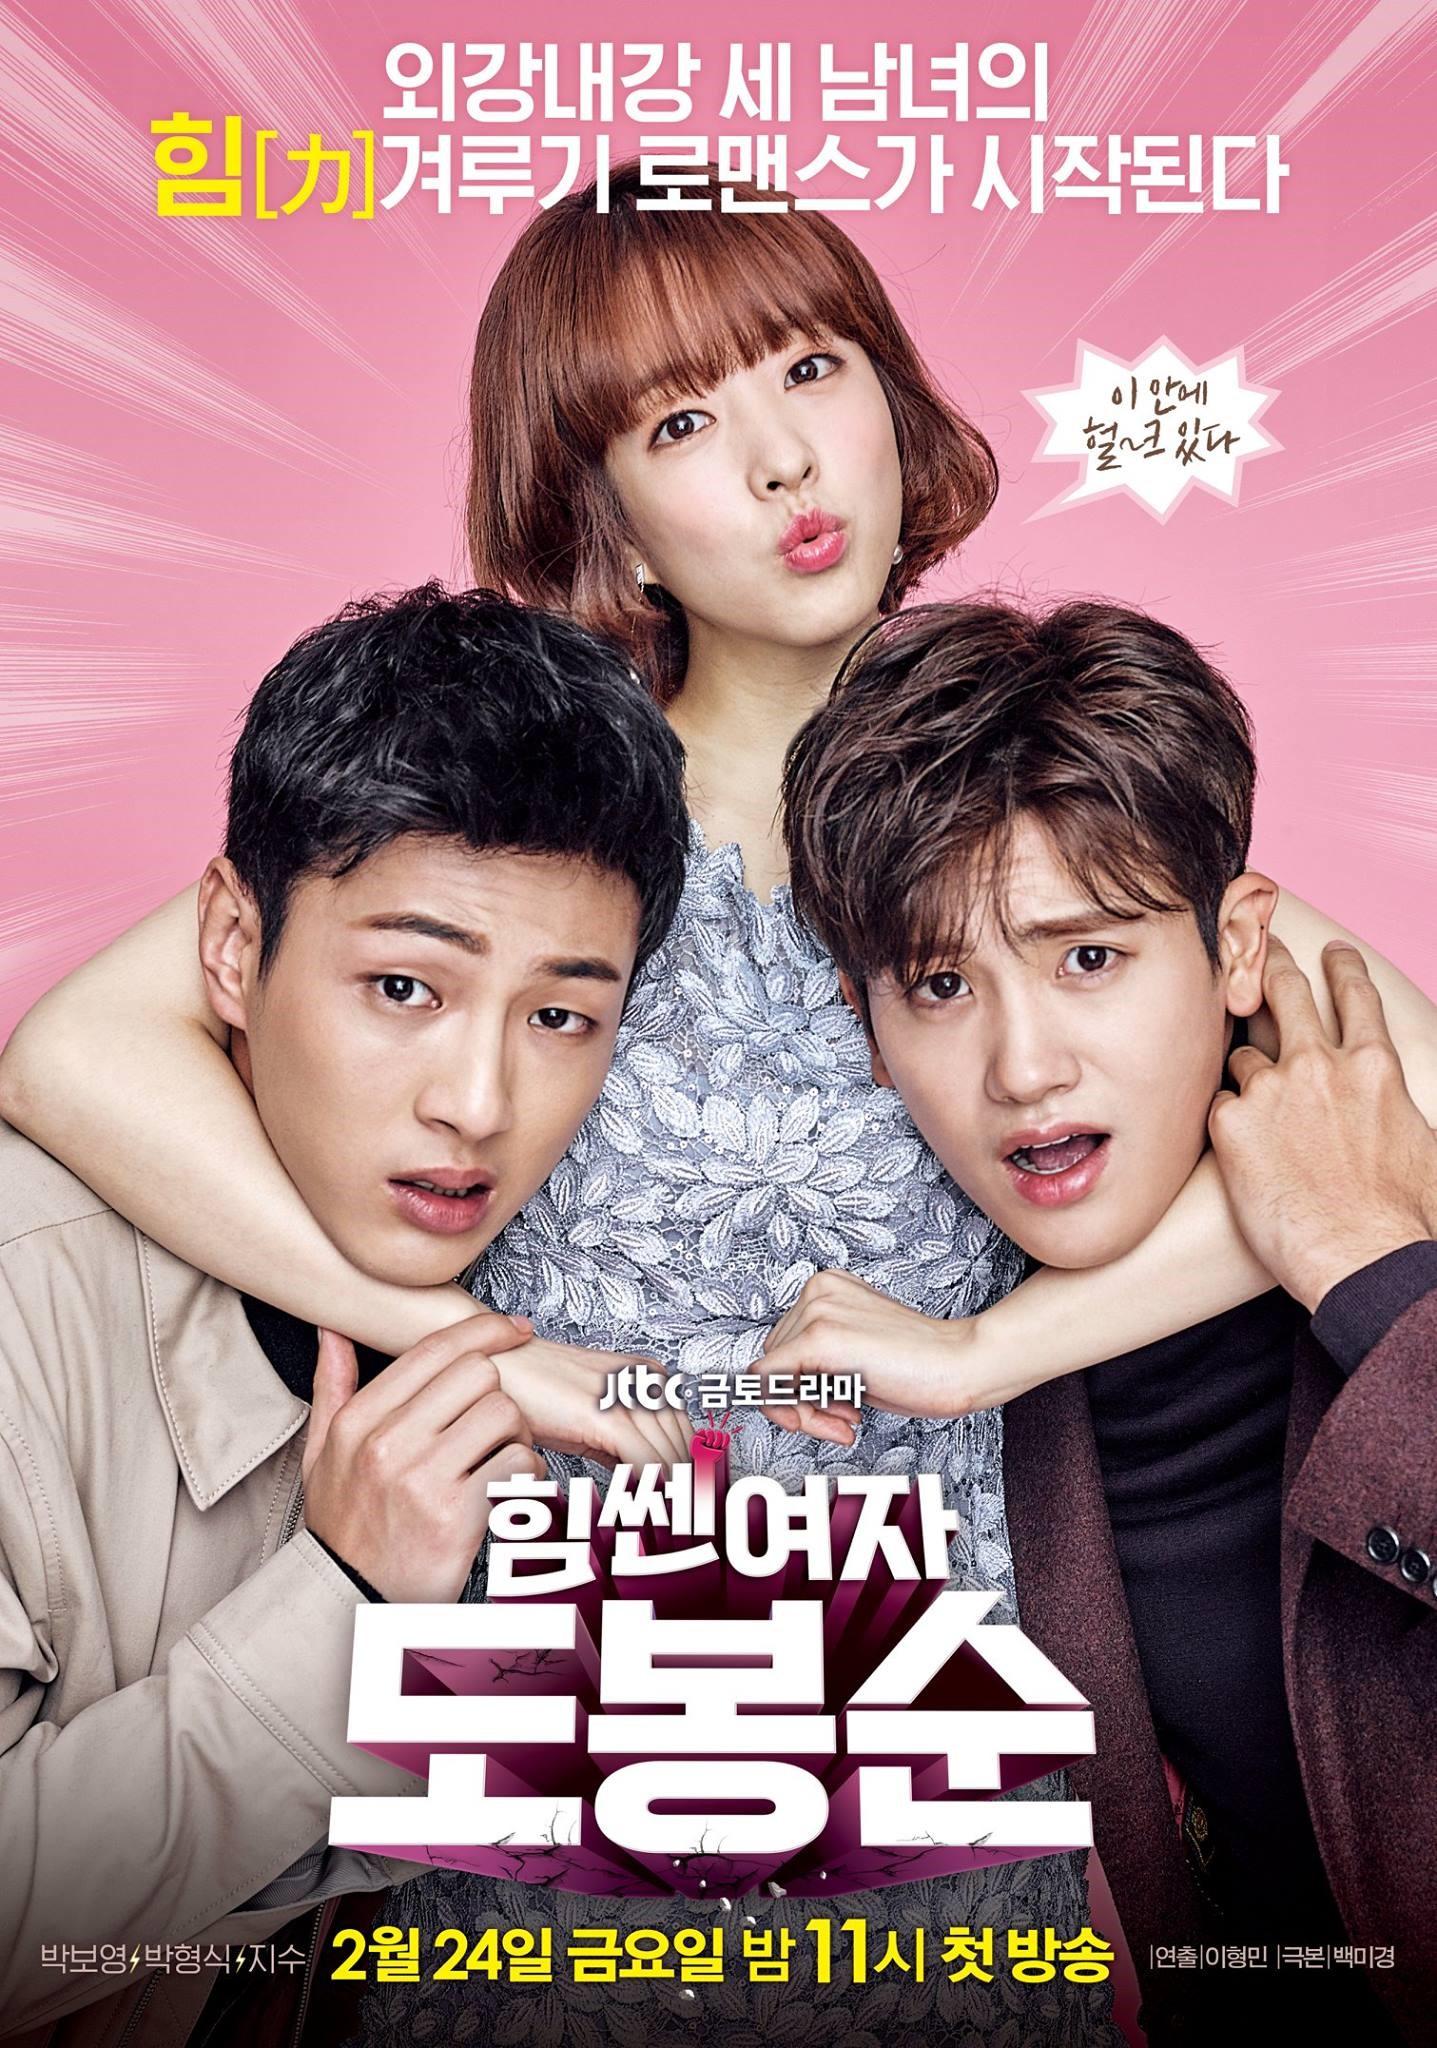 韩国JTBC强势崛起,这7部高水准韩剧全部是他们出品!插图